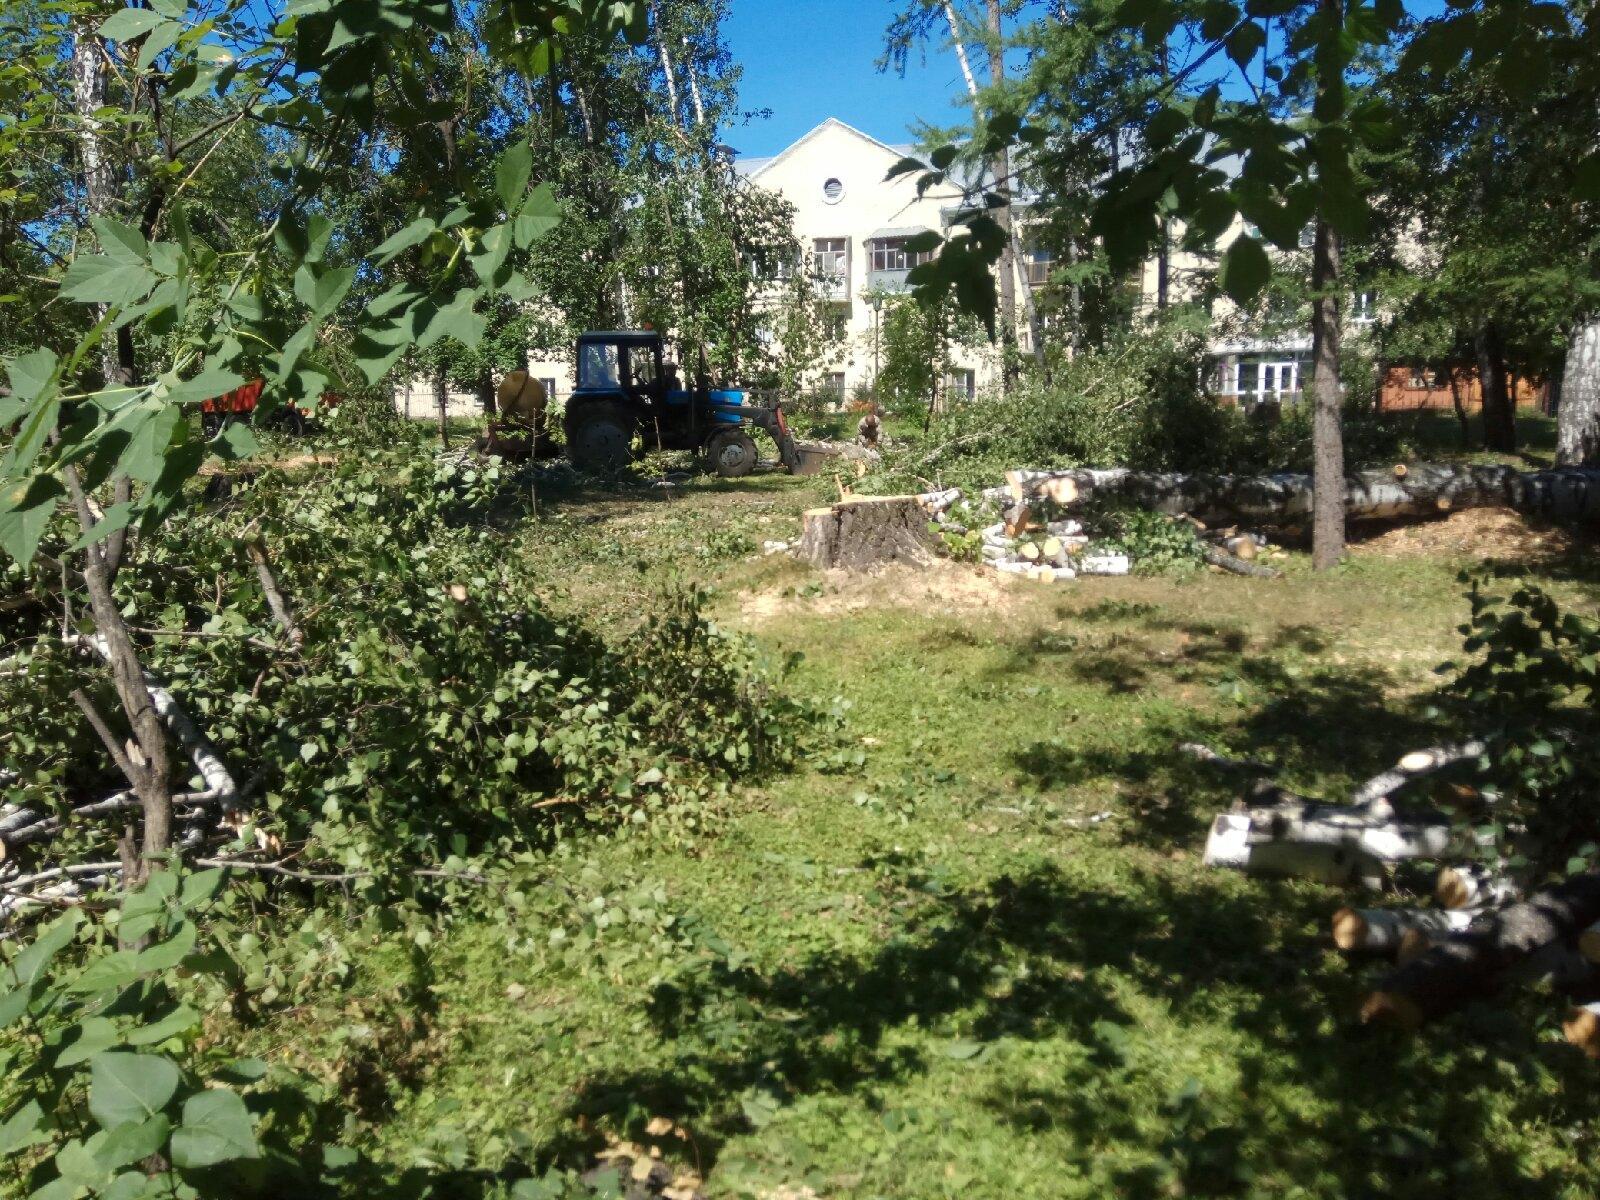 Фото «Здесь киосков не будет»: власти Новосибирска объяснили вырубки в Берёзовой роще 3